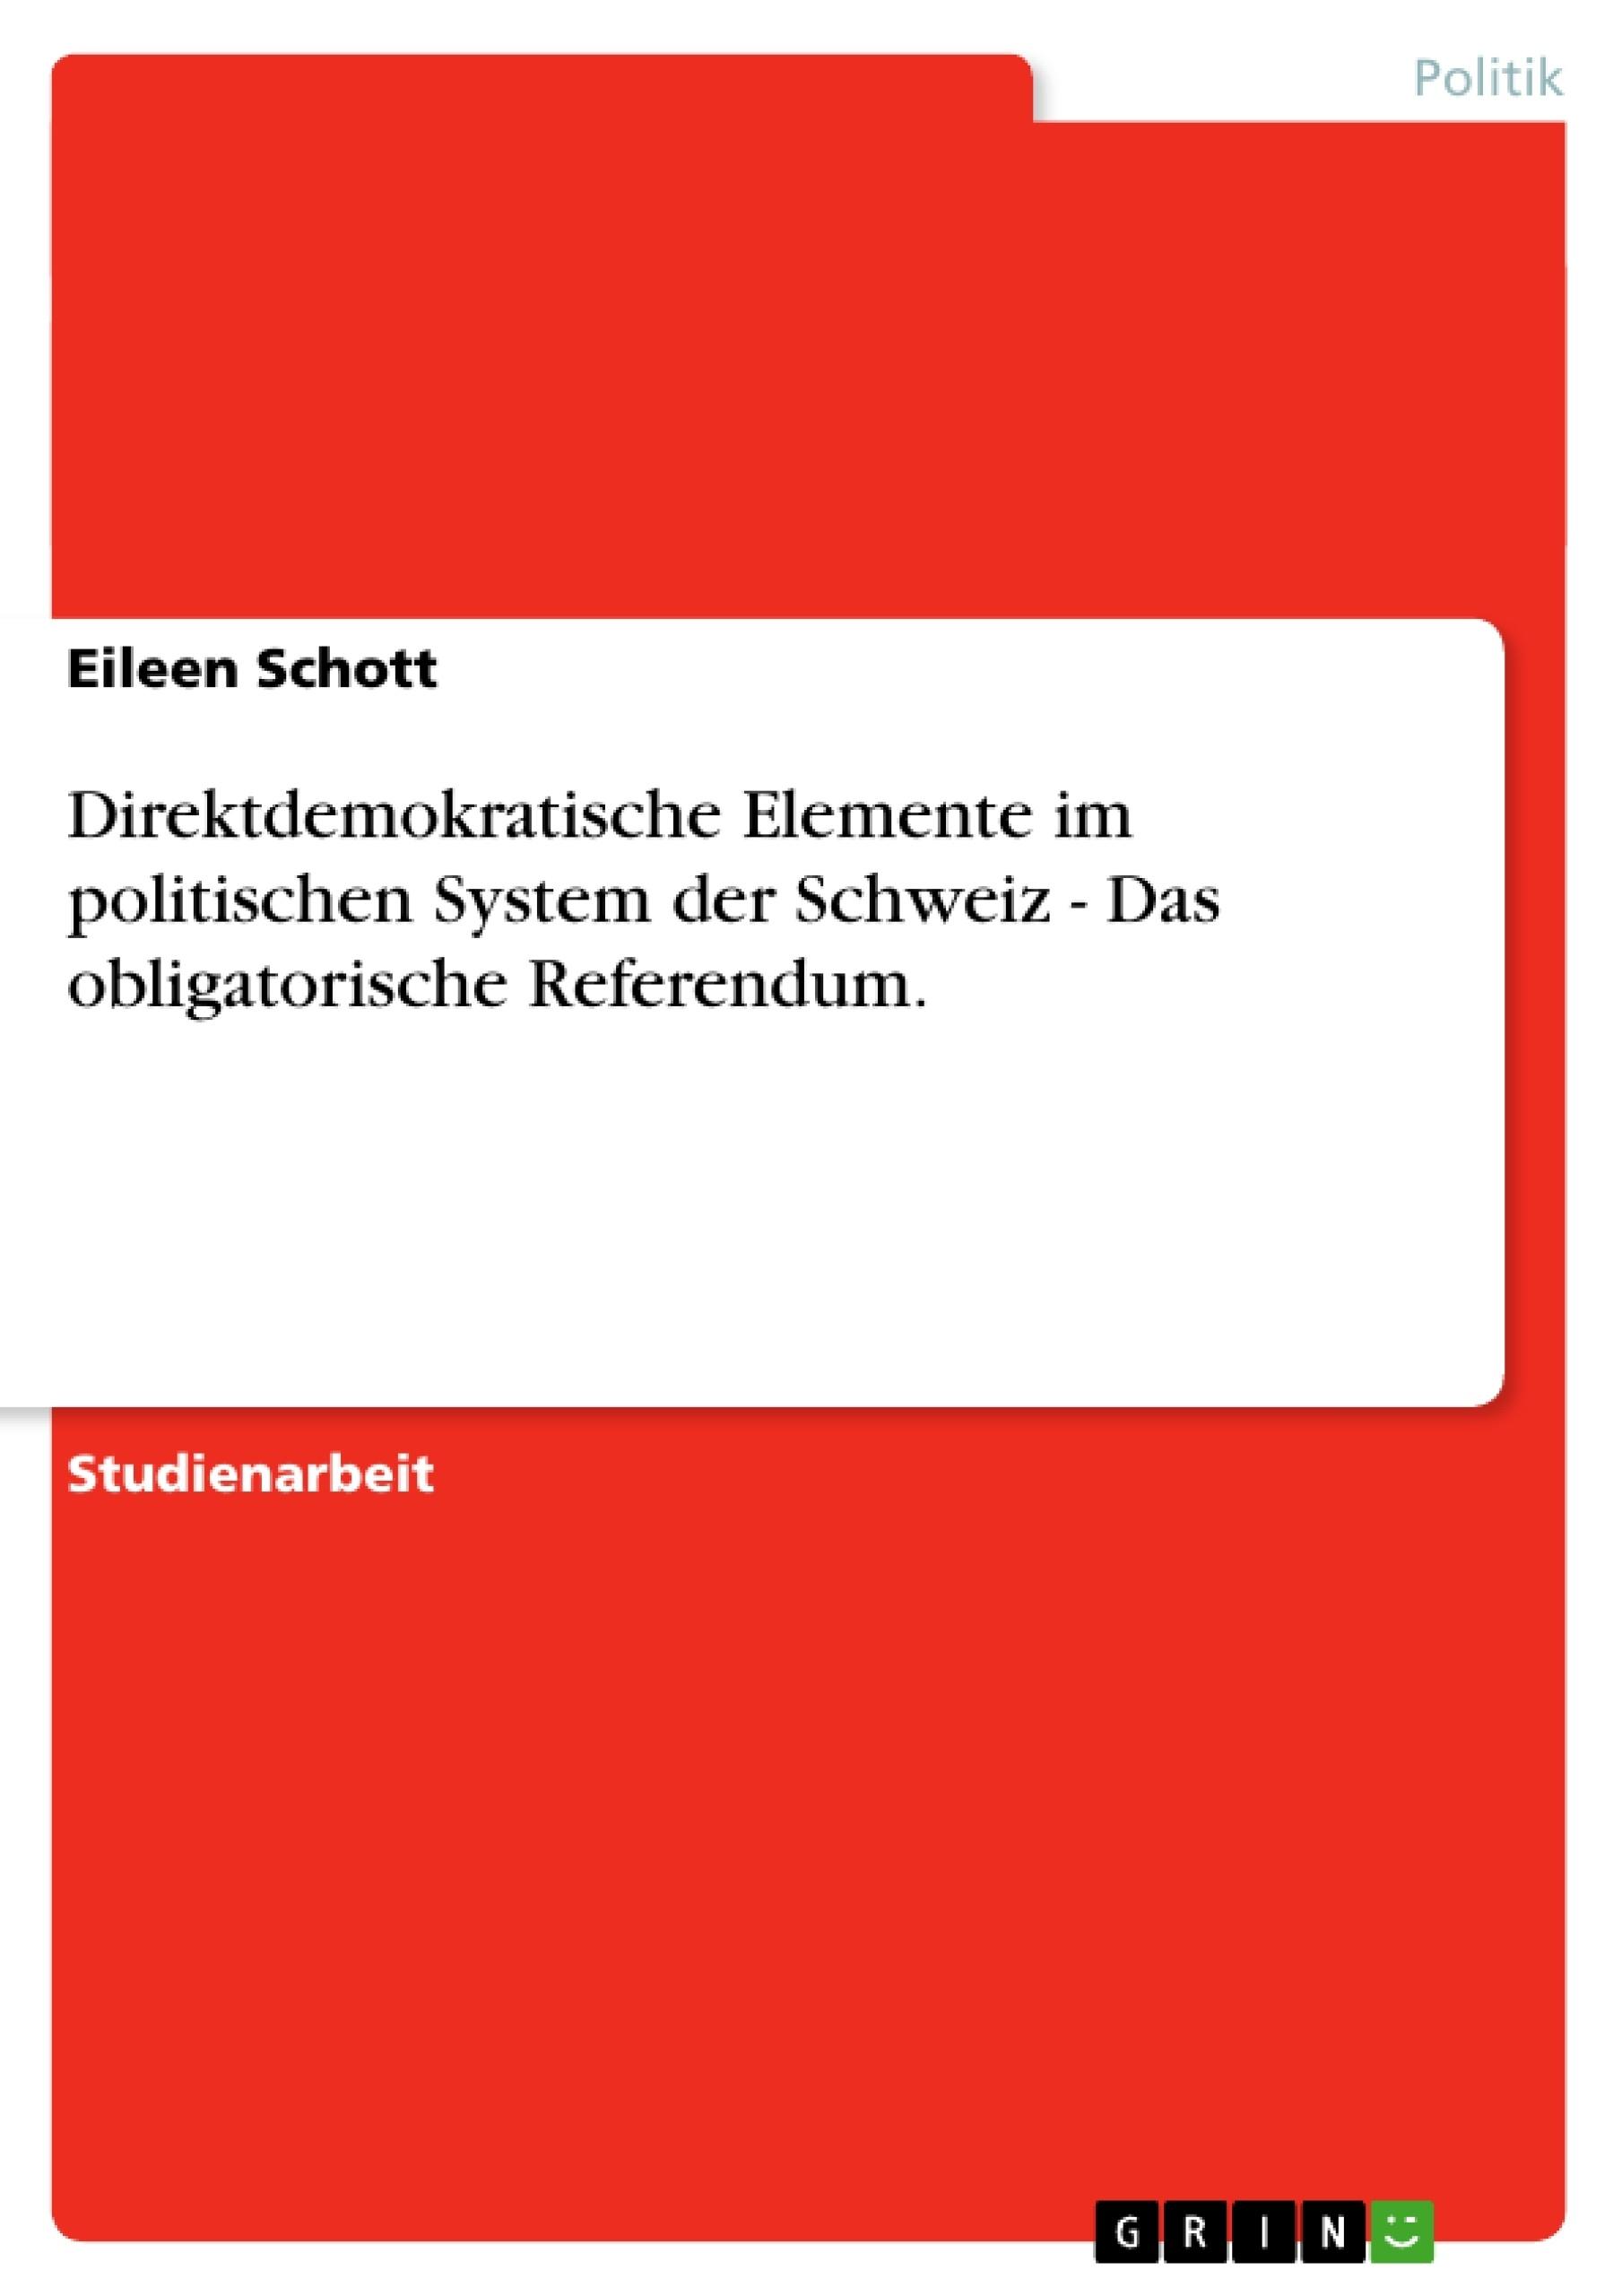 Titel: Direktdemokratische Elemente im politischen System der Schweiz - Das obligatorische Referendum.